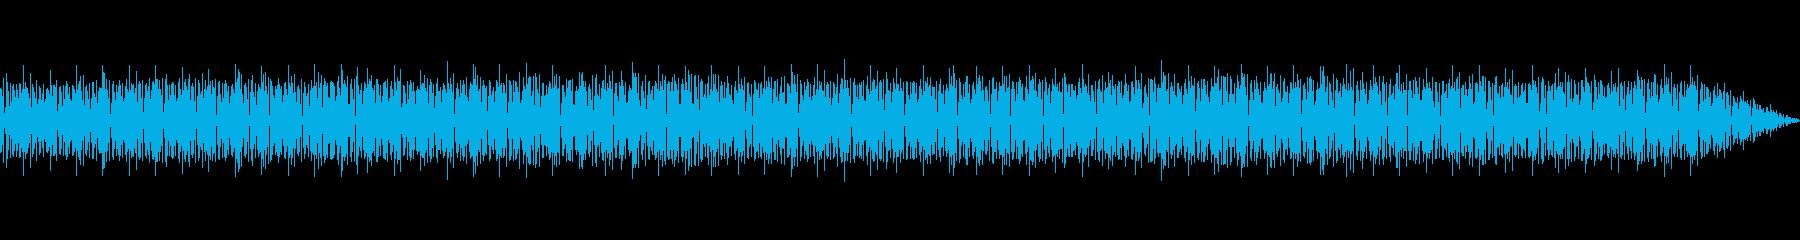 幻想的で情緒的なテクノの再生済みの波形